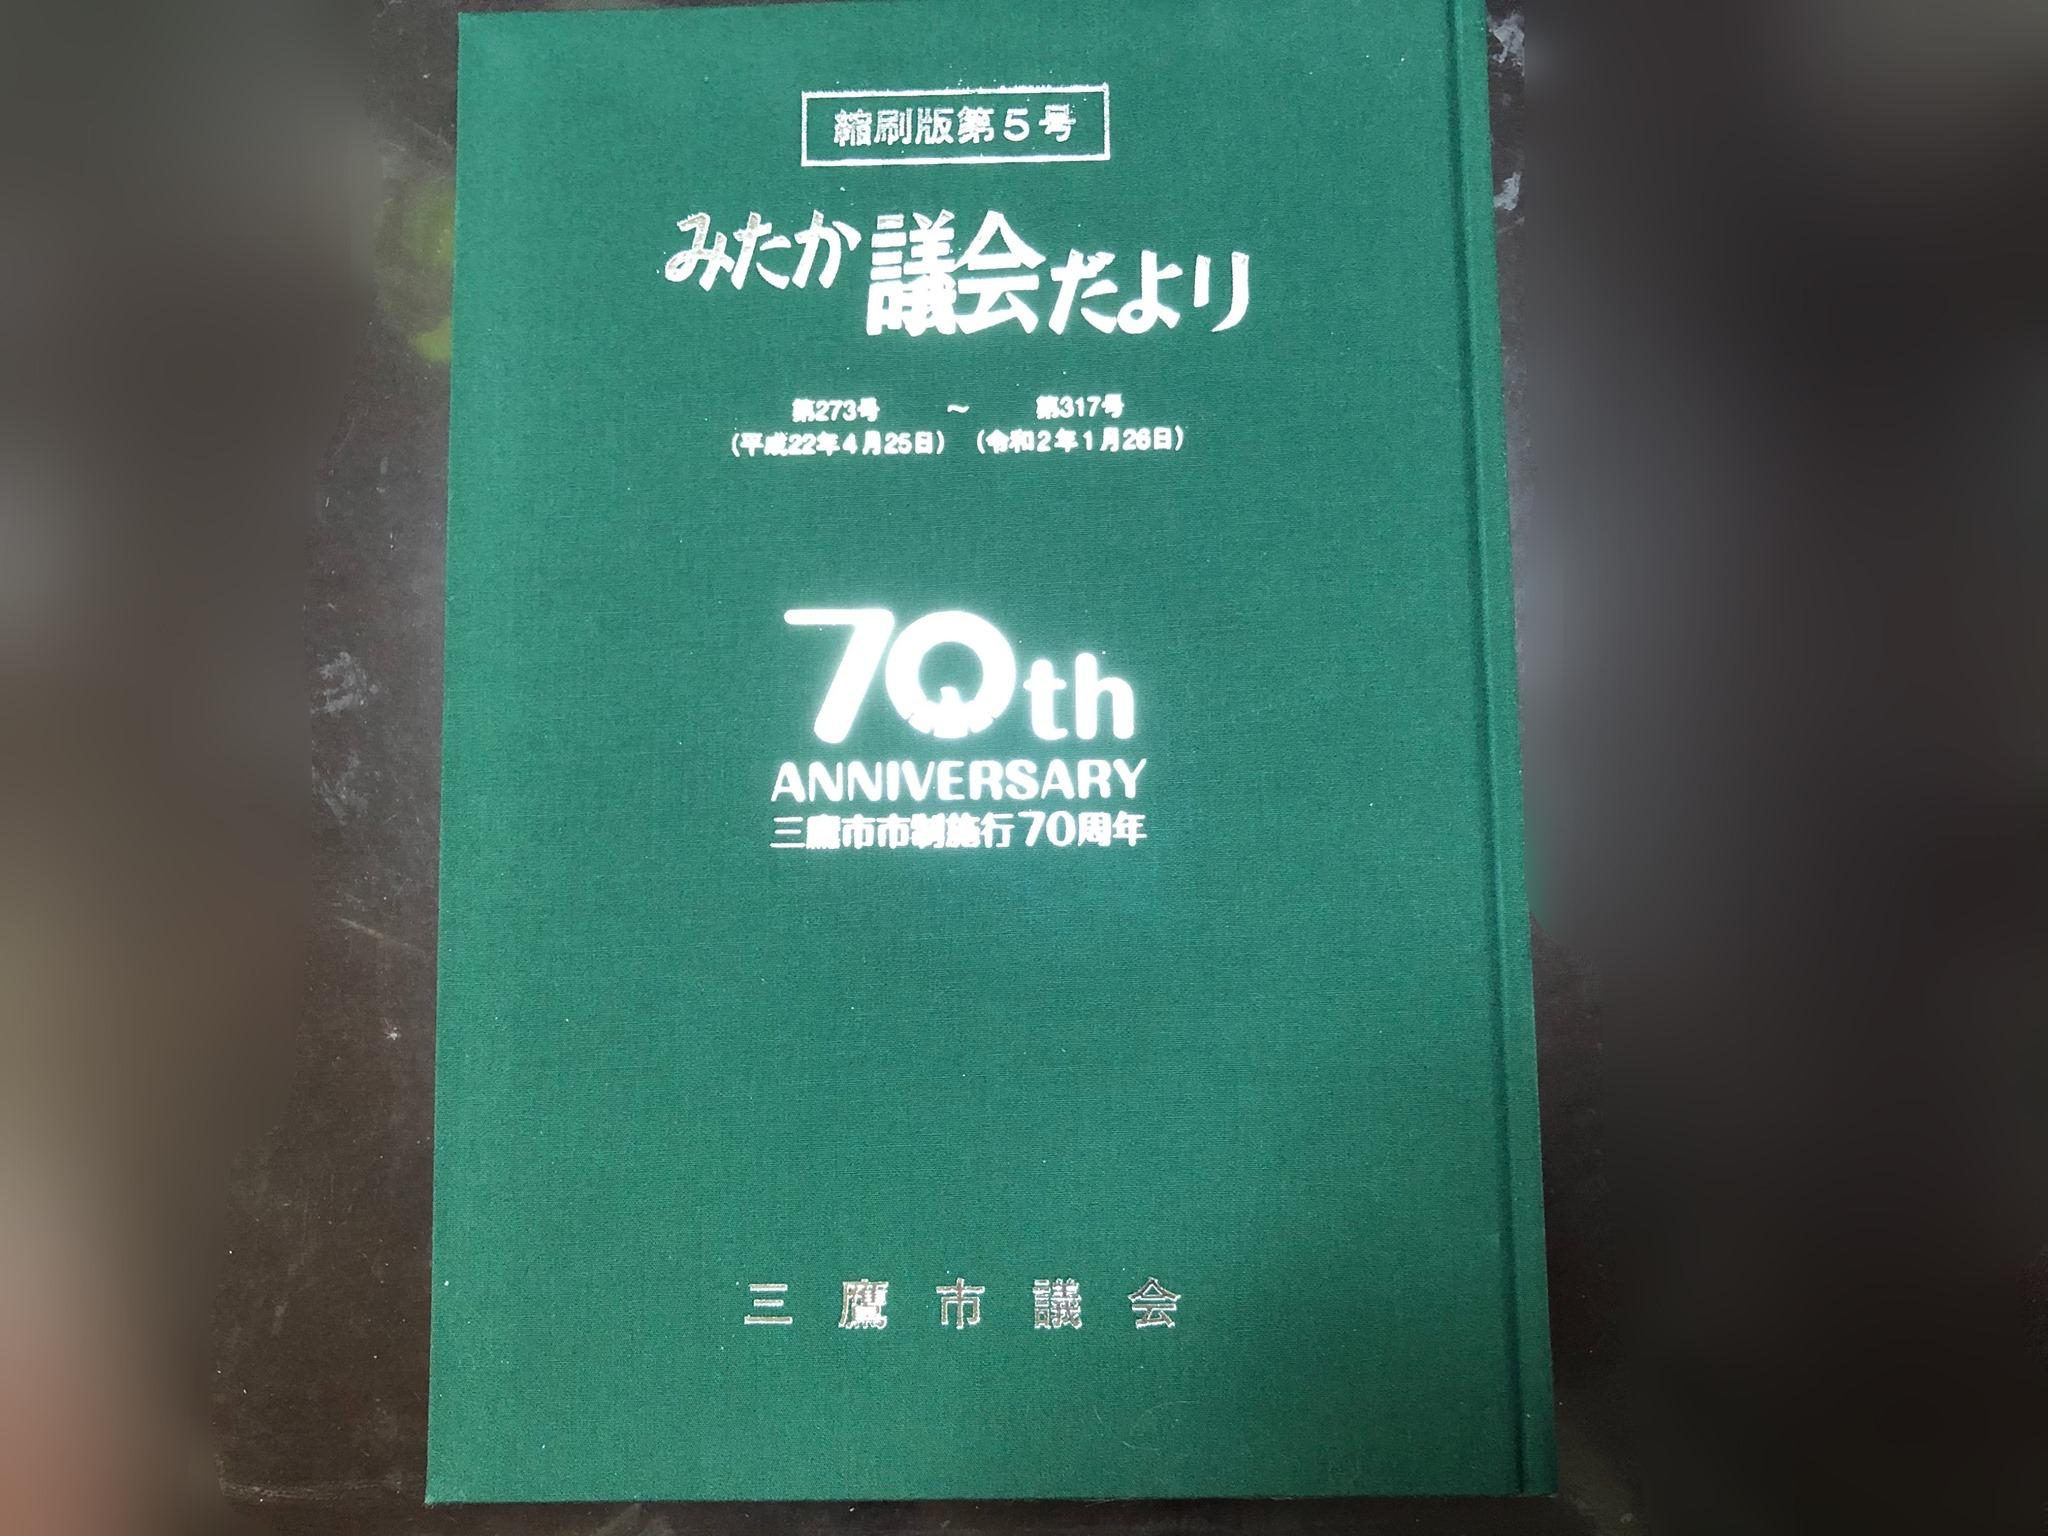 三鷹市市制施行70周年記念事業『みたか議会だより 縮刷版第5号(平成222年〜令和2年)』が届きました。